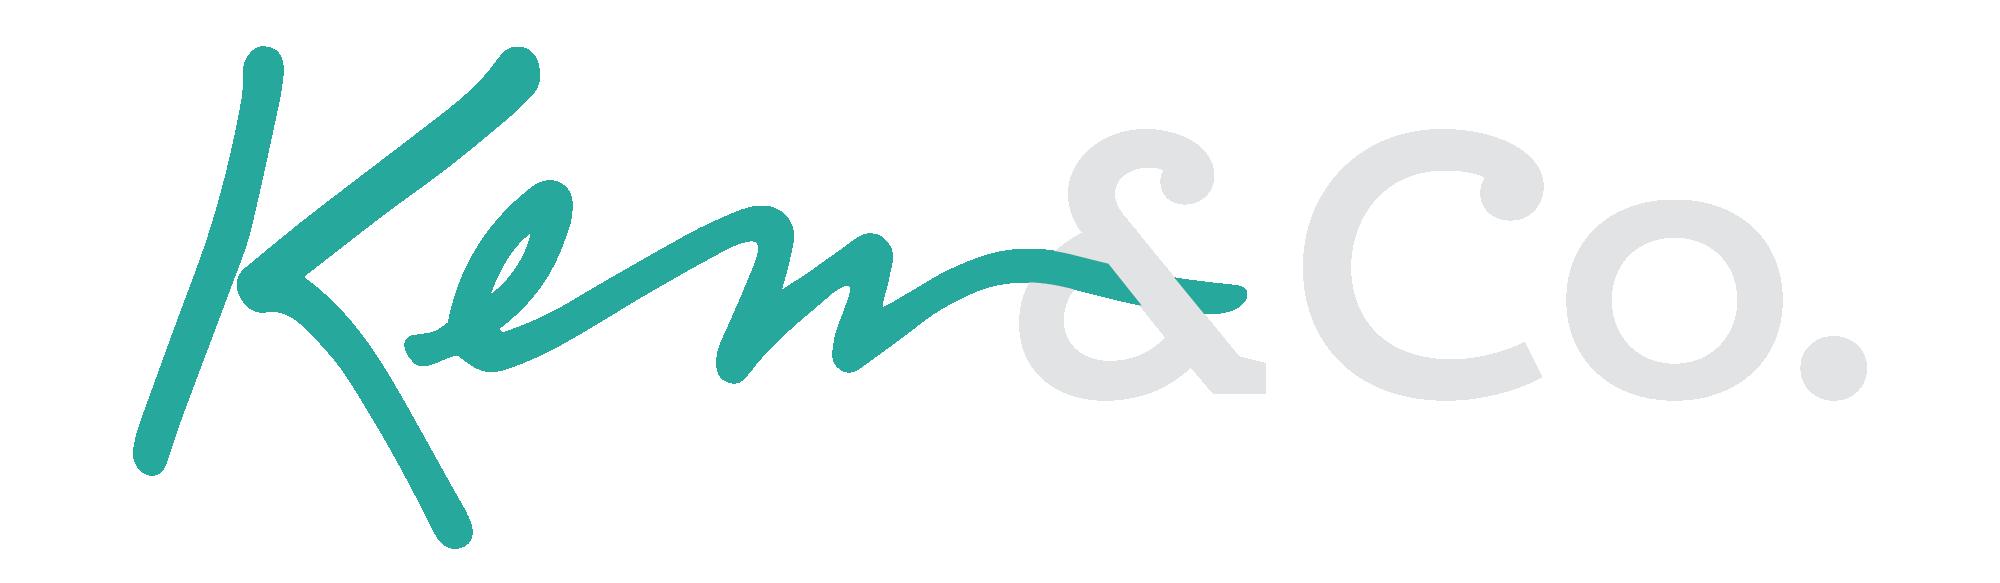 Kem Meyer & Company